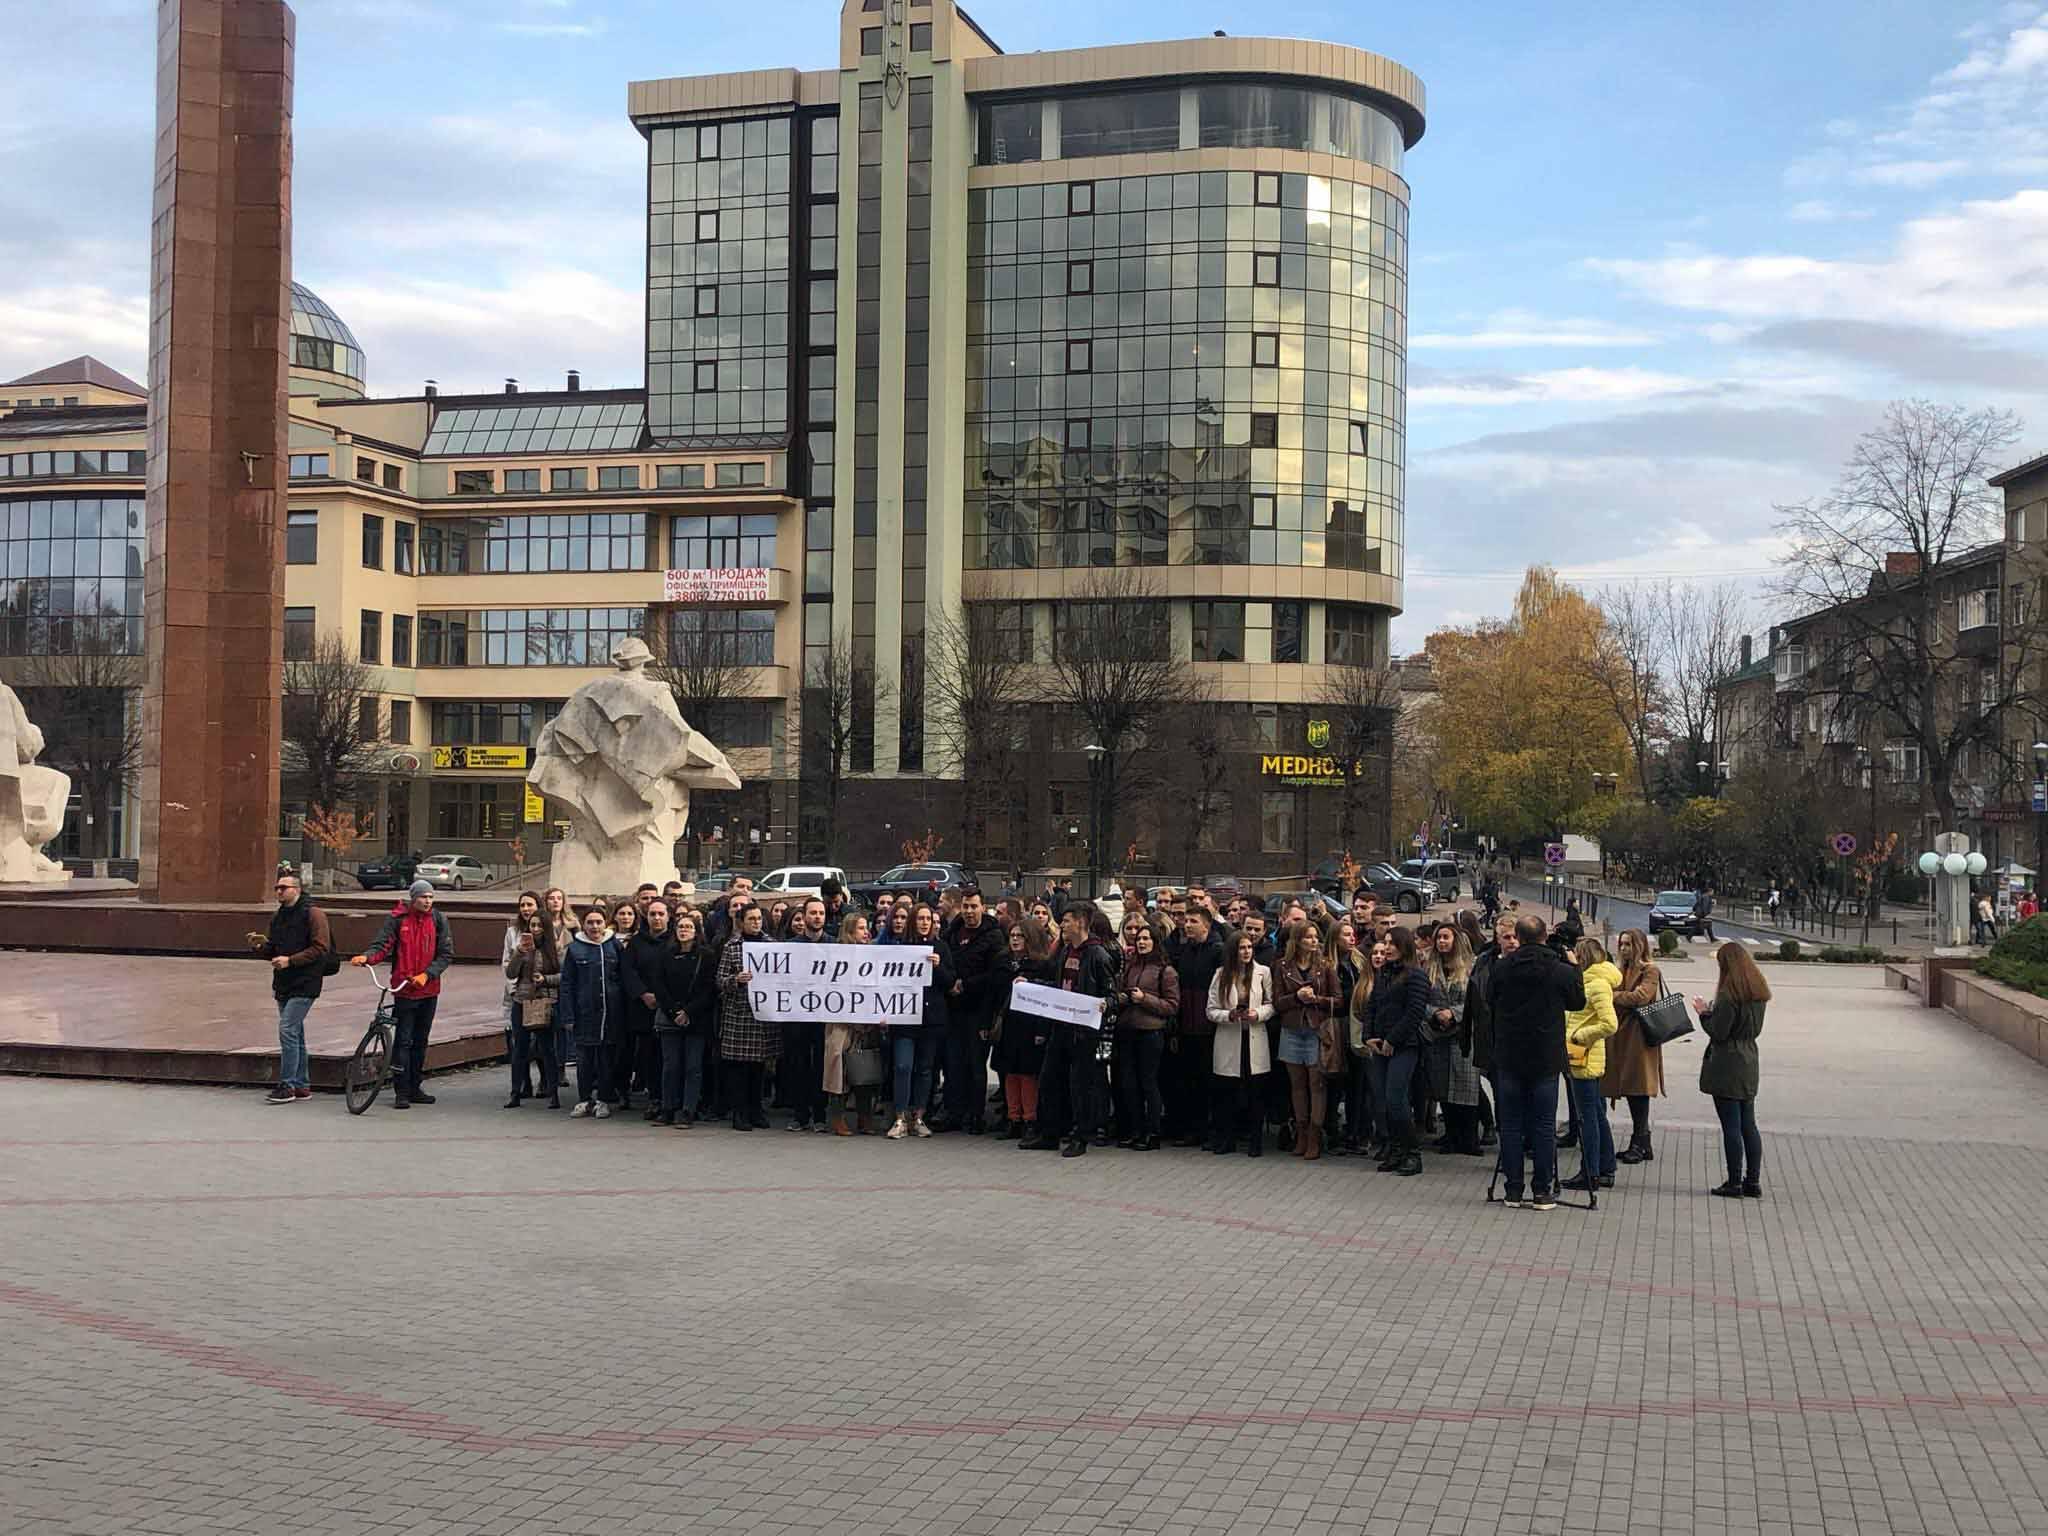 Нова інтернатура – геноцид випускника: у Франківську мітингують десятки студентів-медиків (ФОТО)